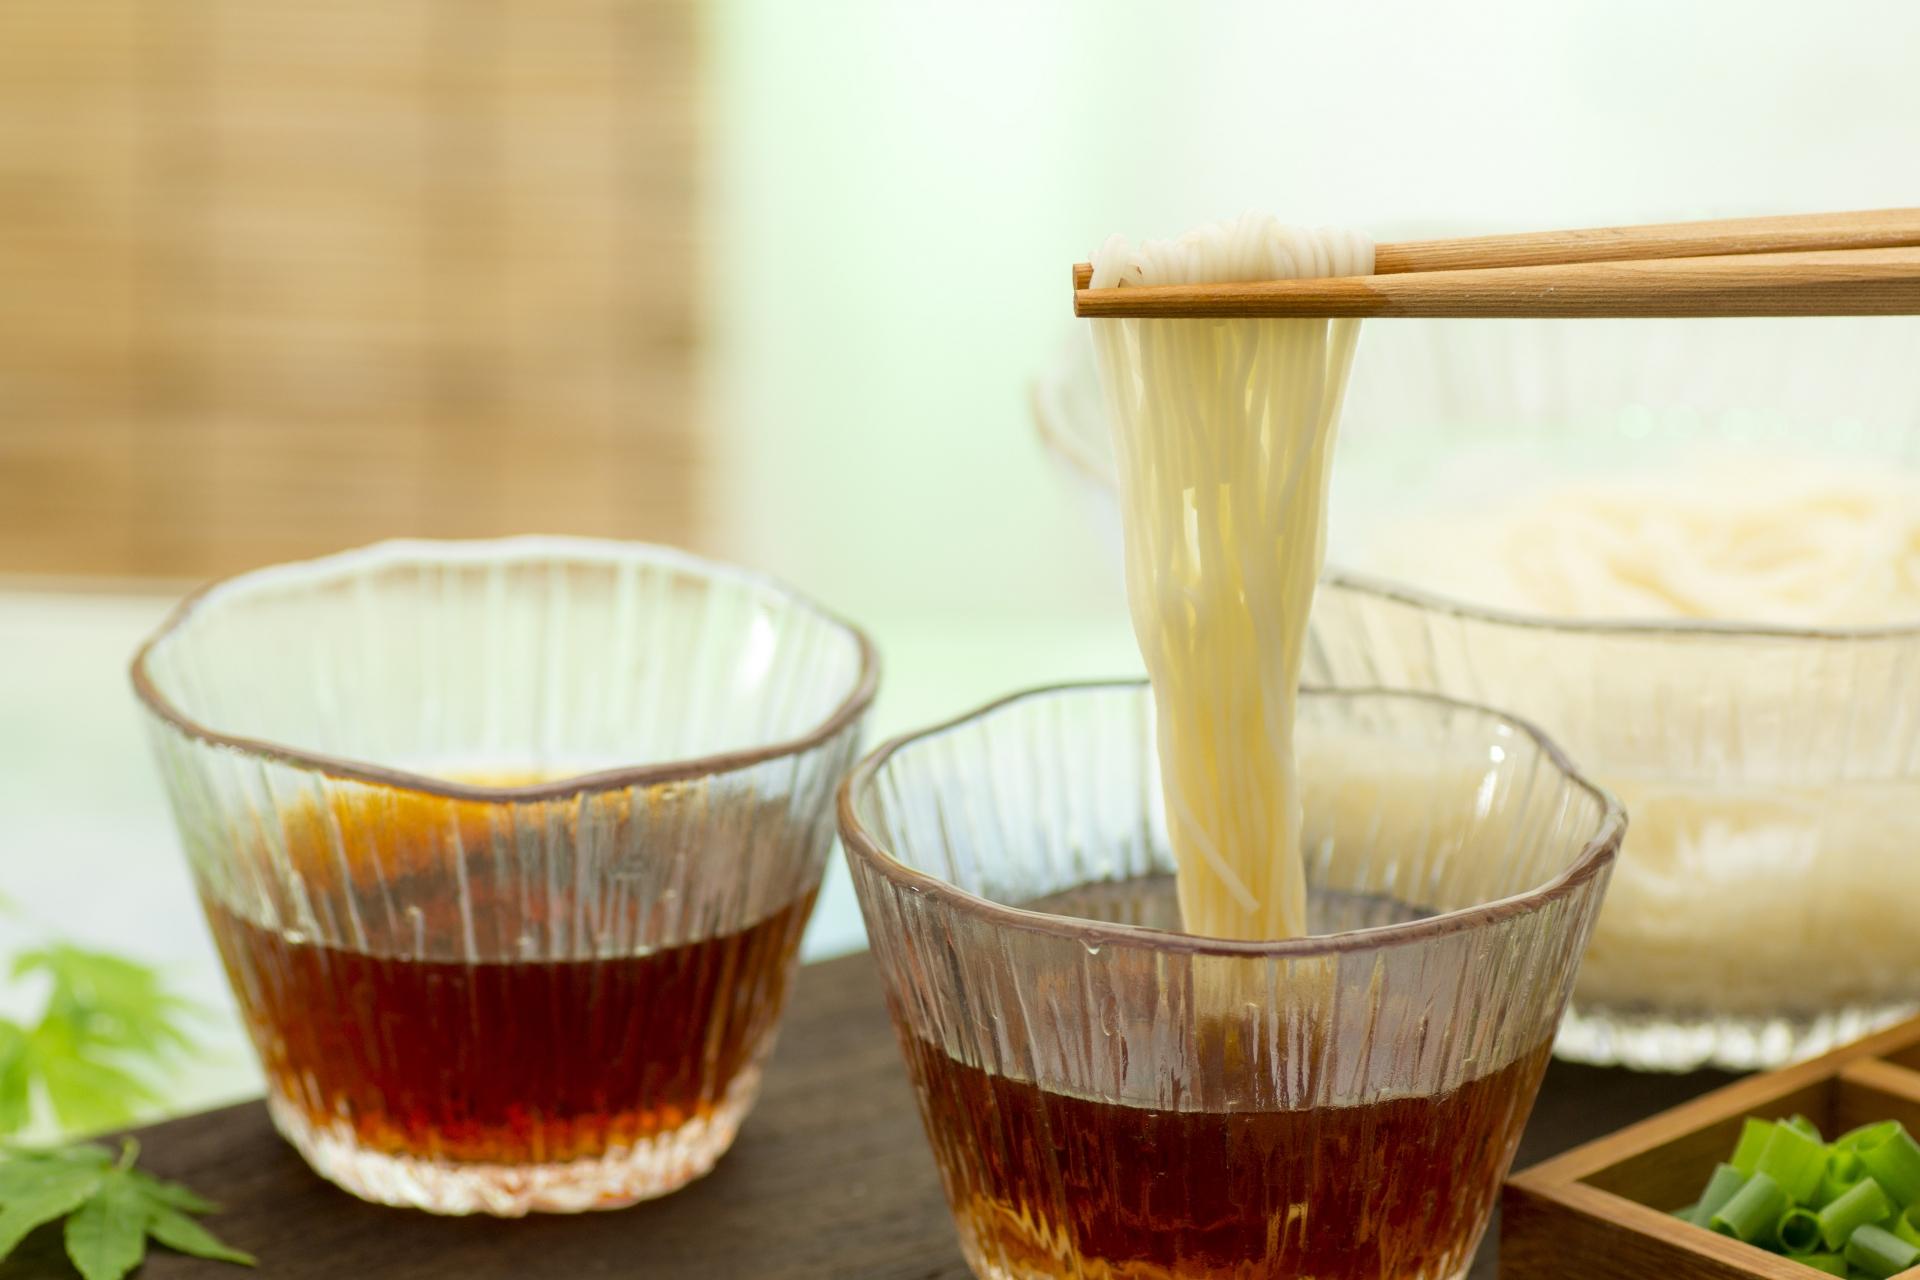 めんつゆのおすすめ11選!料理の味付けにも万能